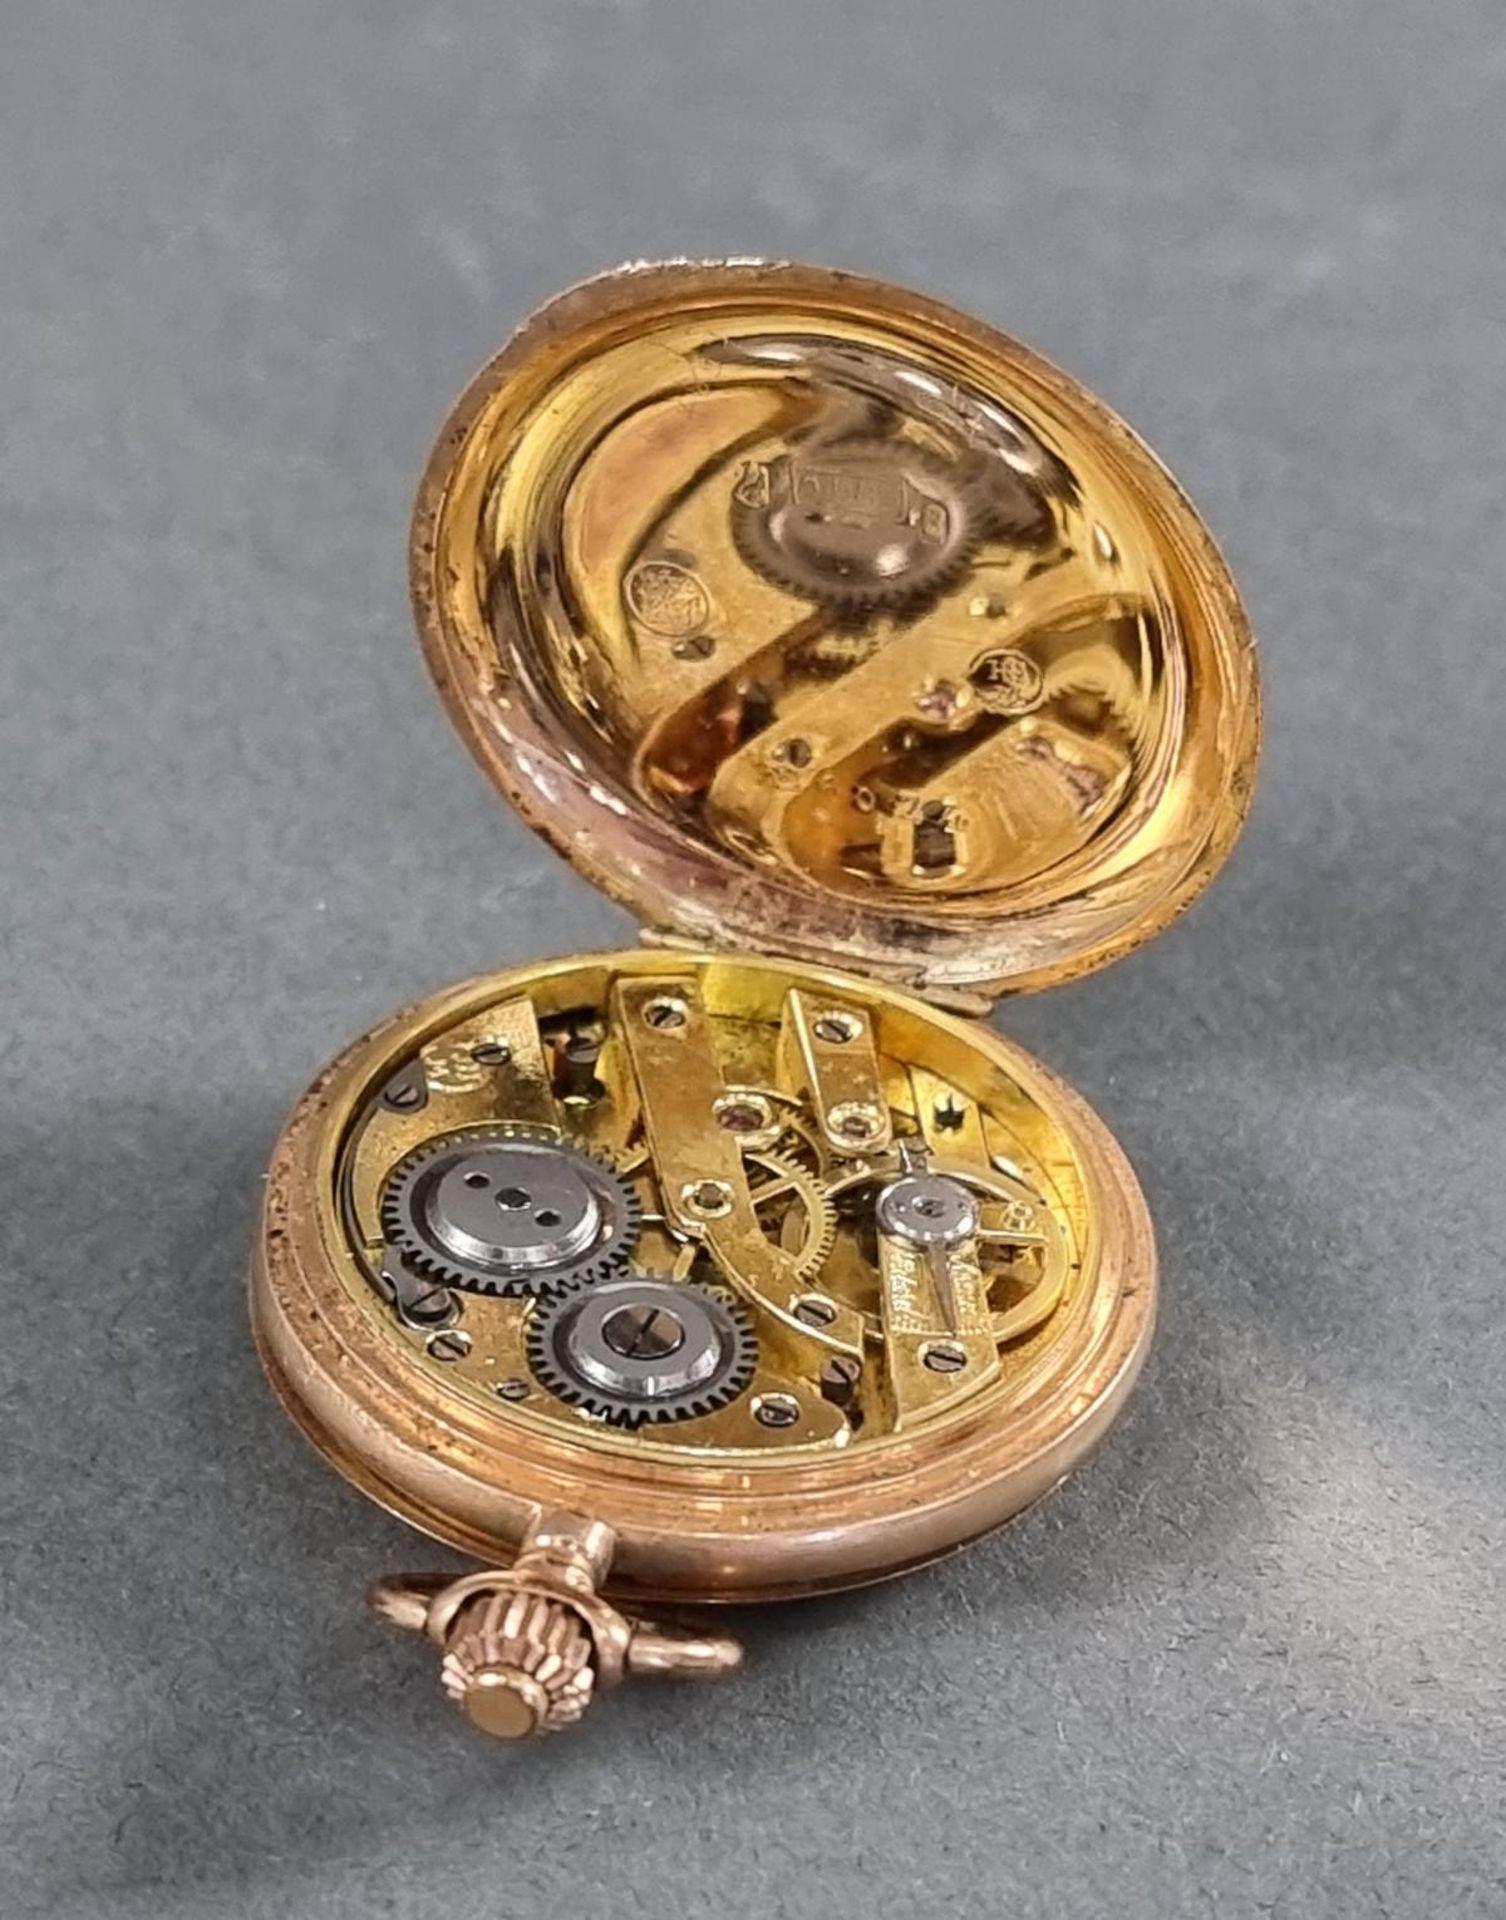 Goldene Damentaschenuhr, 14 Karat Gelbgold - Bild 4 aus 7